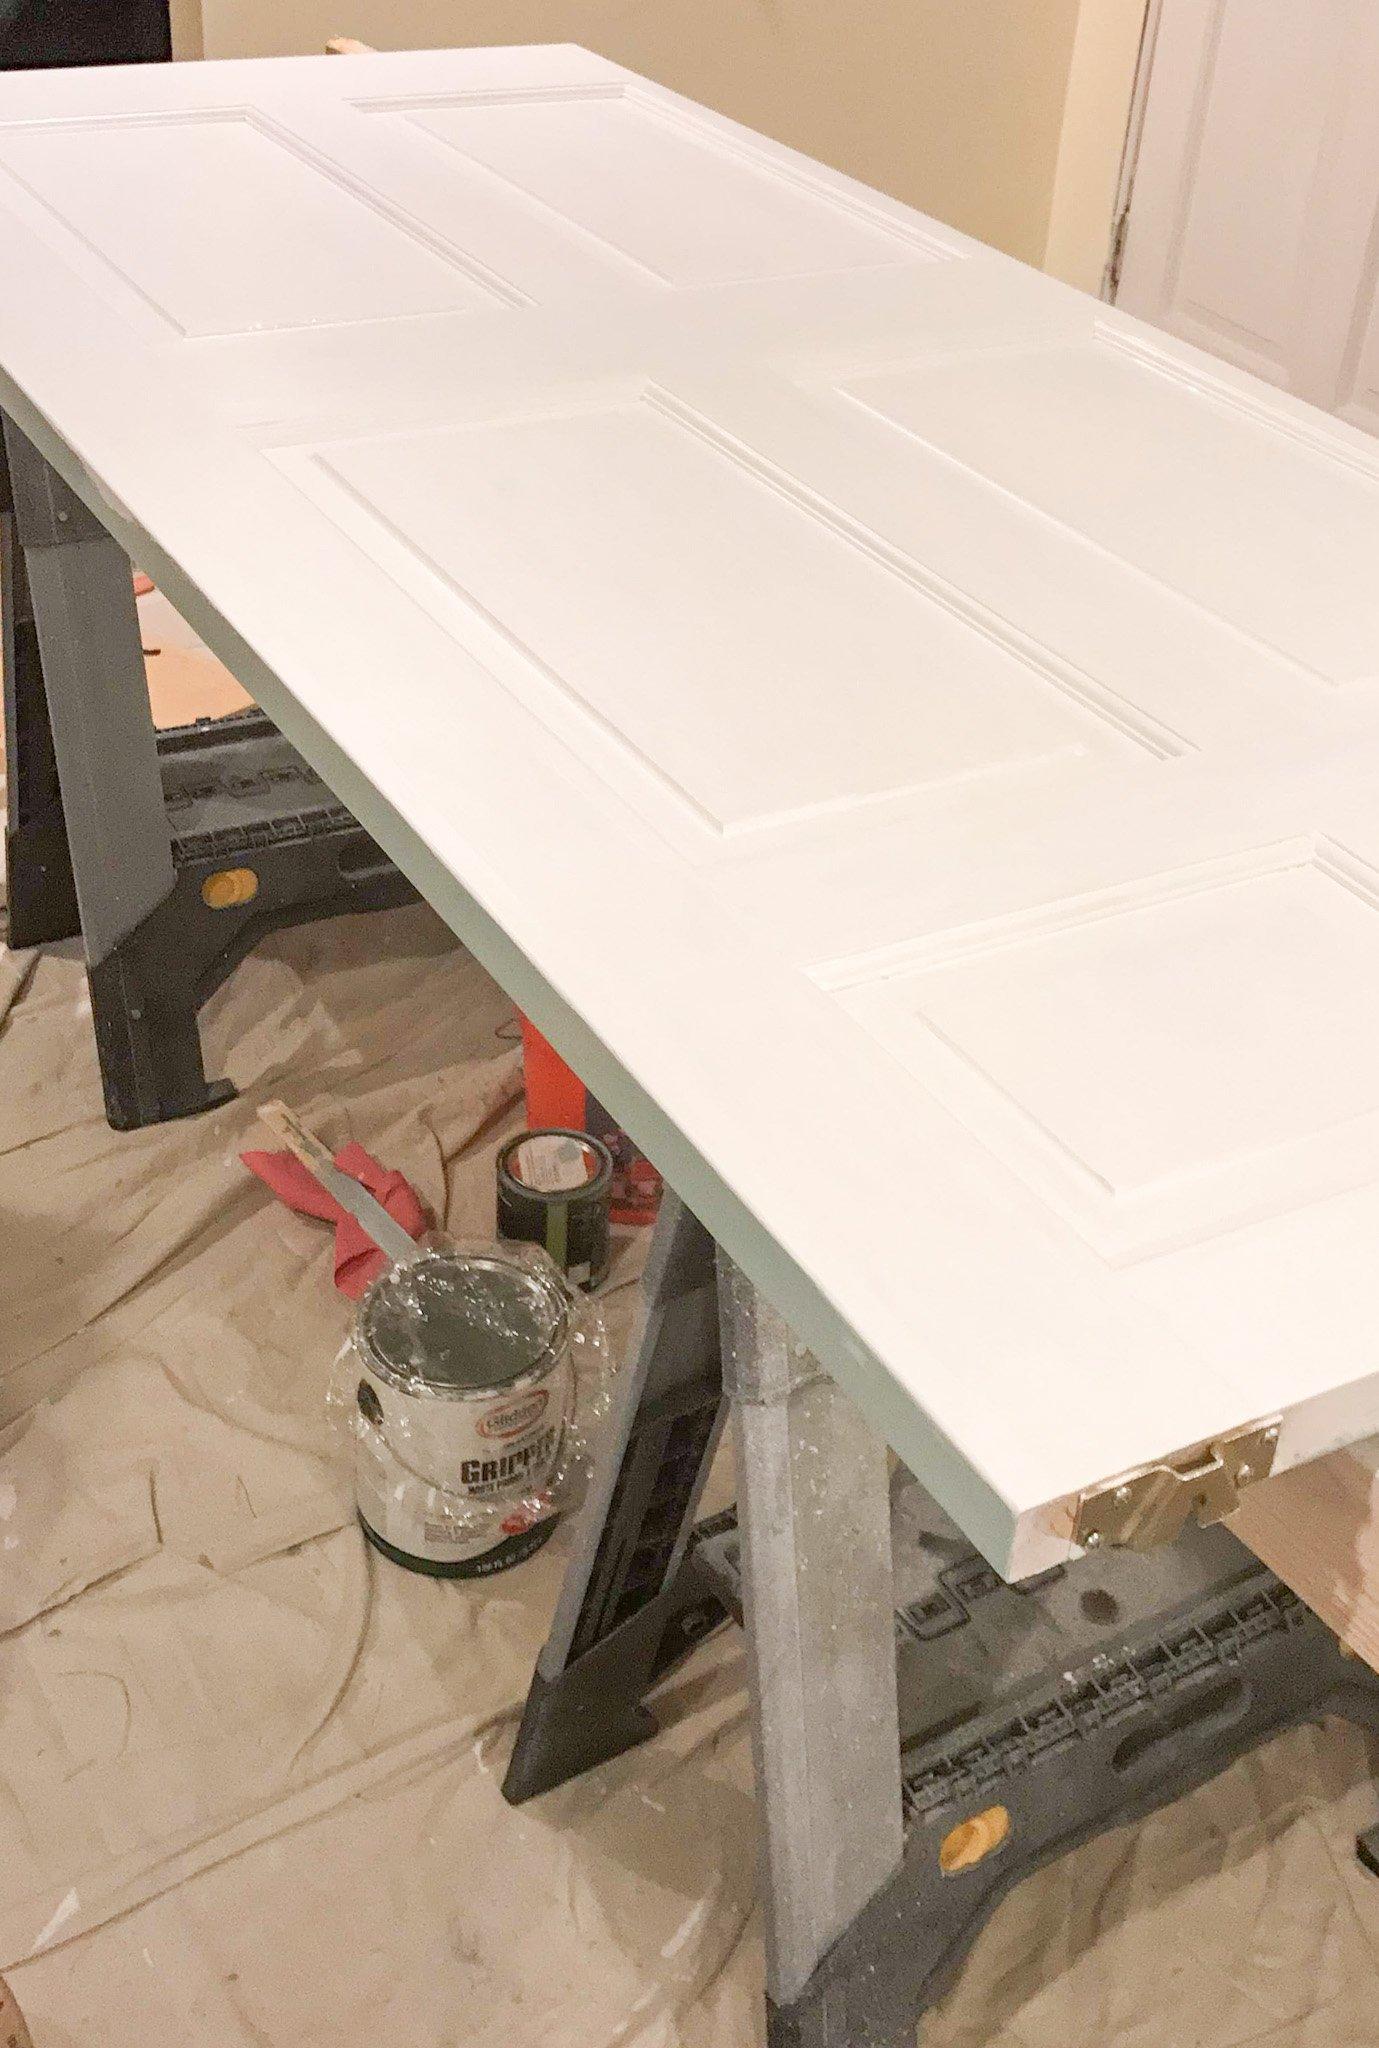 Step 7 in this door painting tutorial - apply primer.